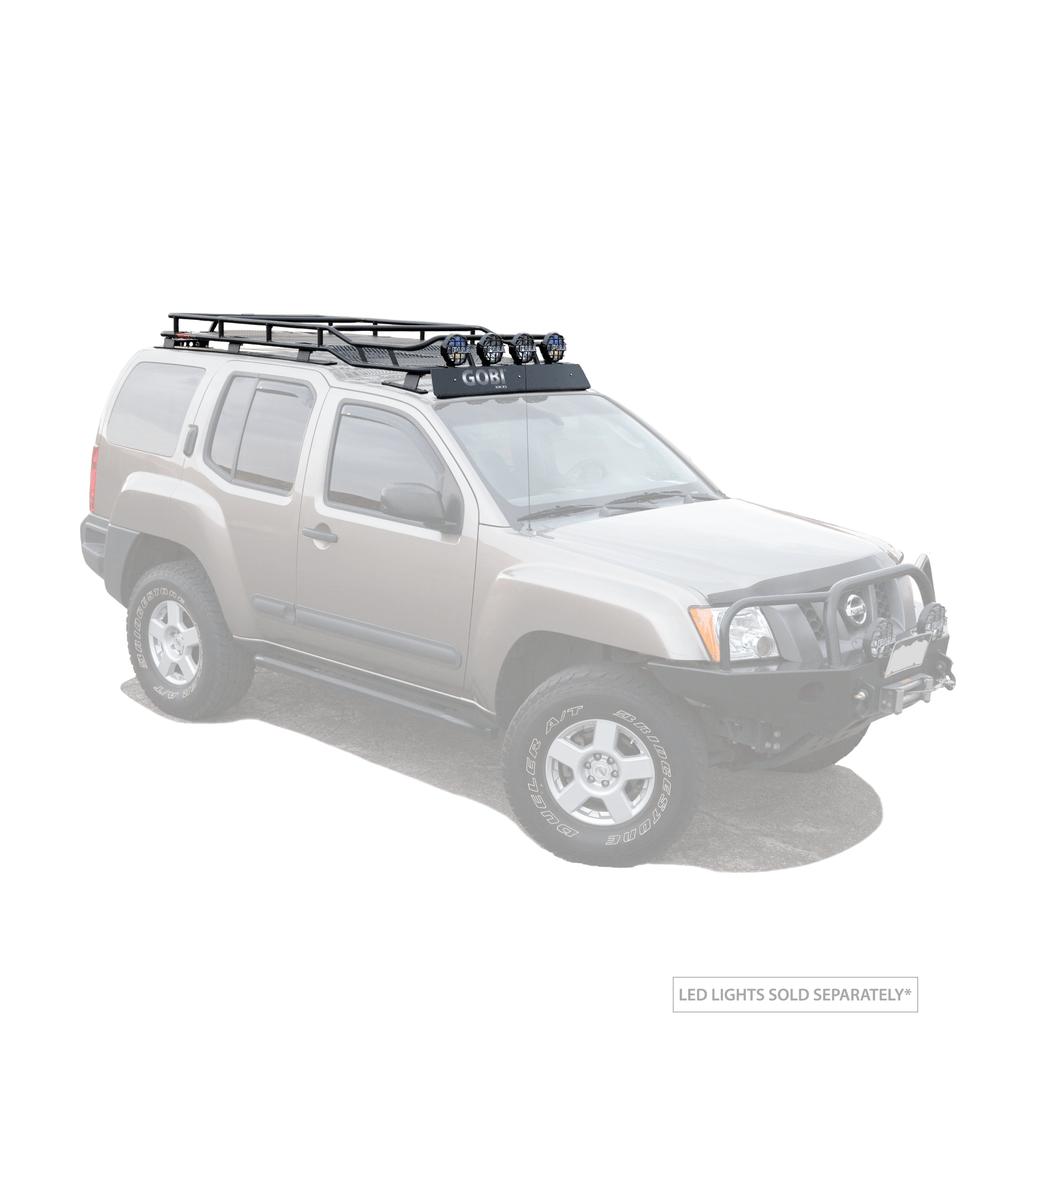 nissan xterra 05 15 ranger rack multi light setup no sunroof